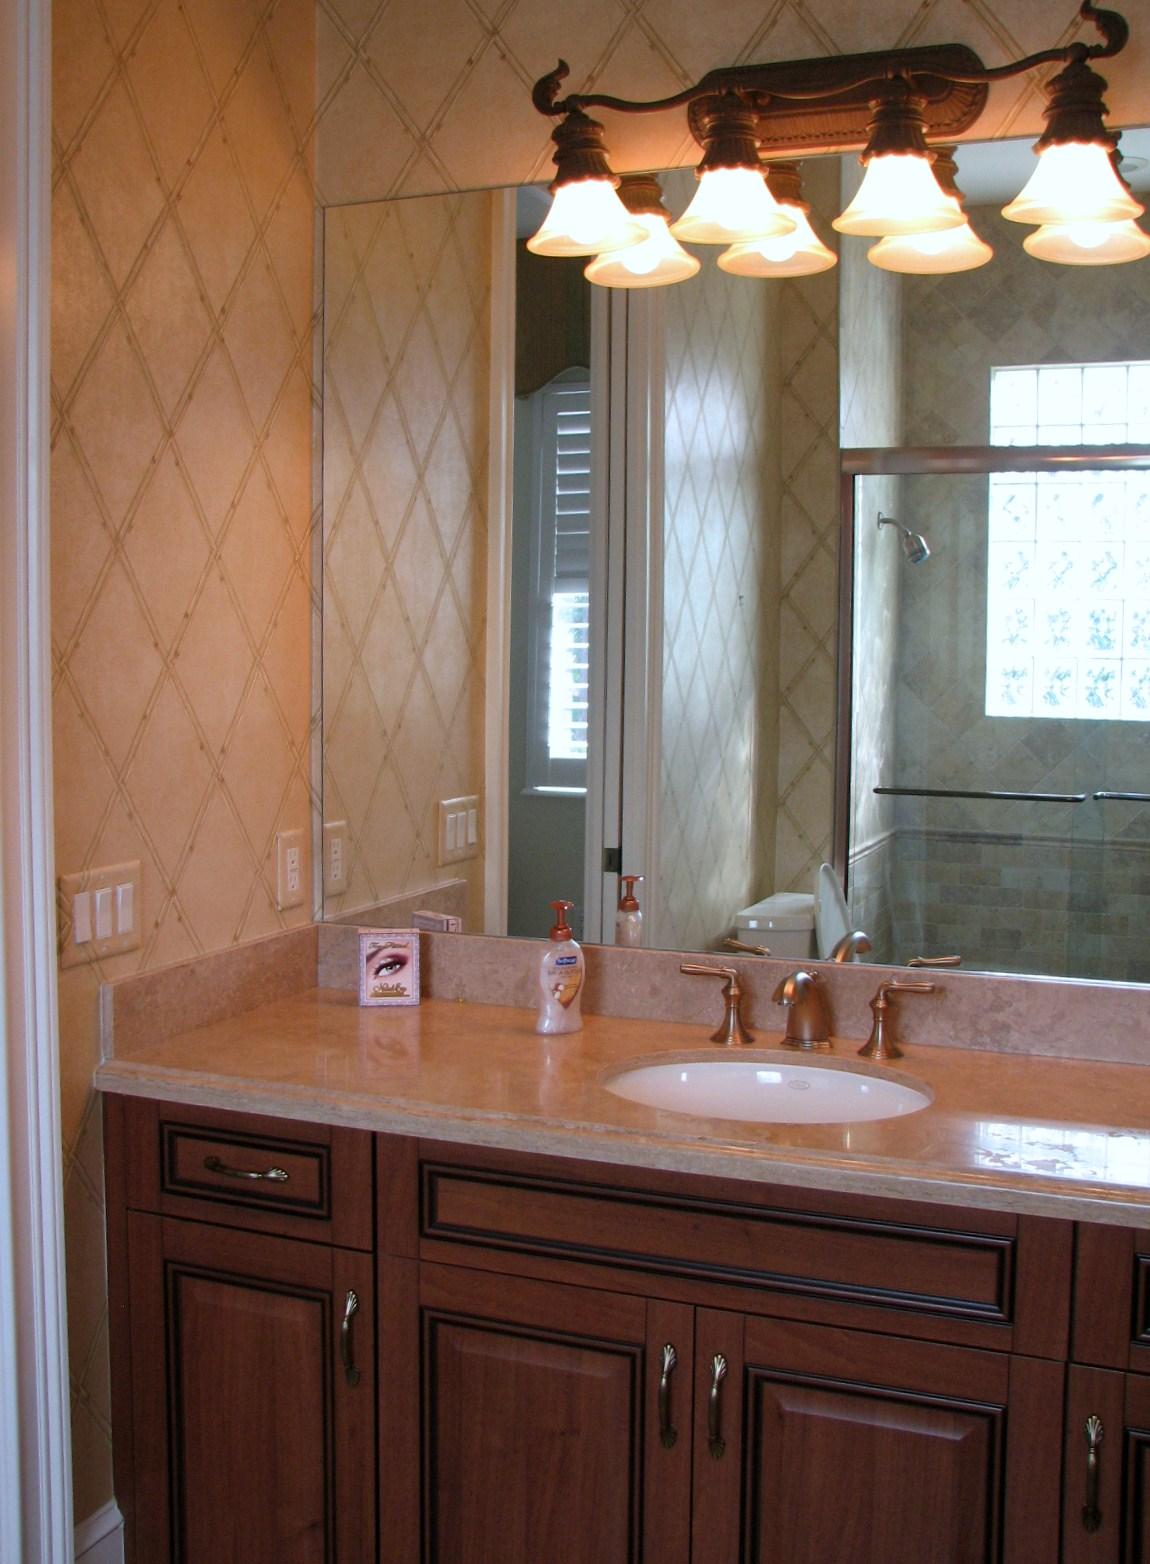 http://2.bp.blogspot.com/-YEsRss7kn60/TeD0tJB3wpI/AAAAAAAAA9M/jE28wNrnYzQ/s1600/Guest+Bath+Before.jpg